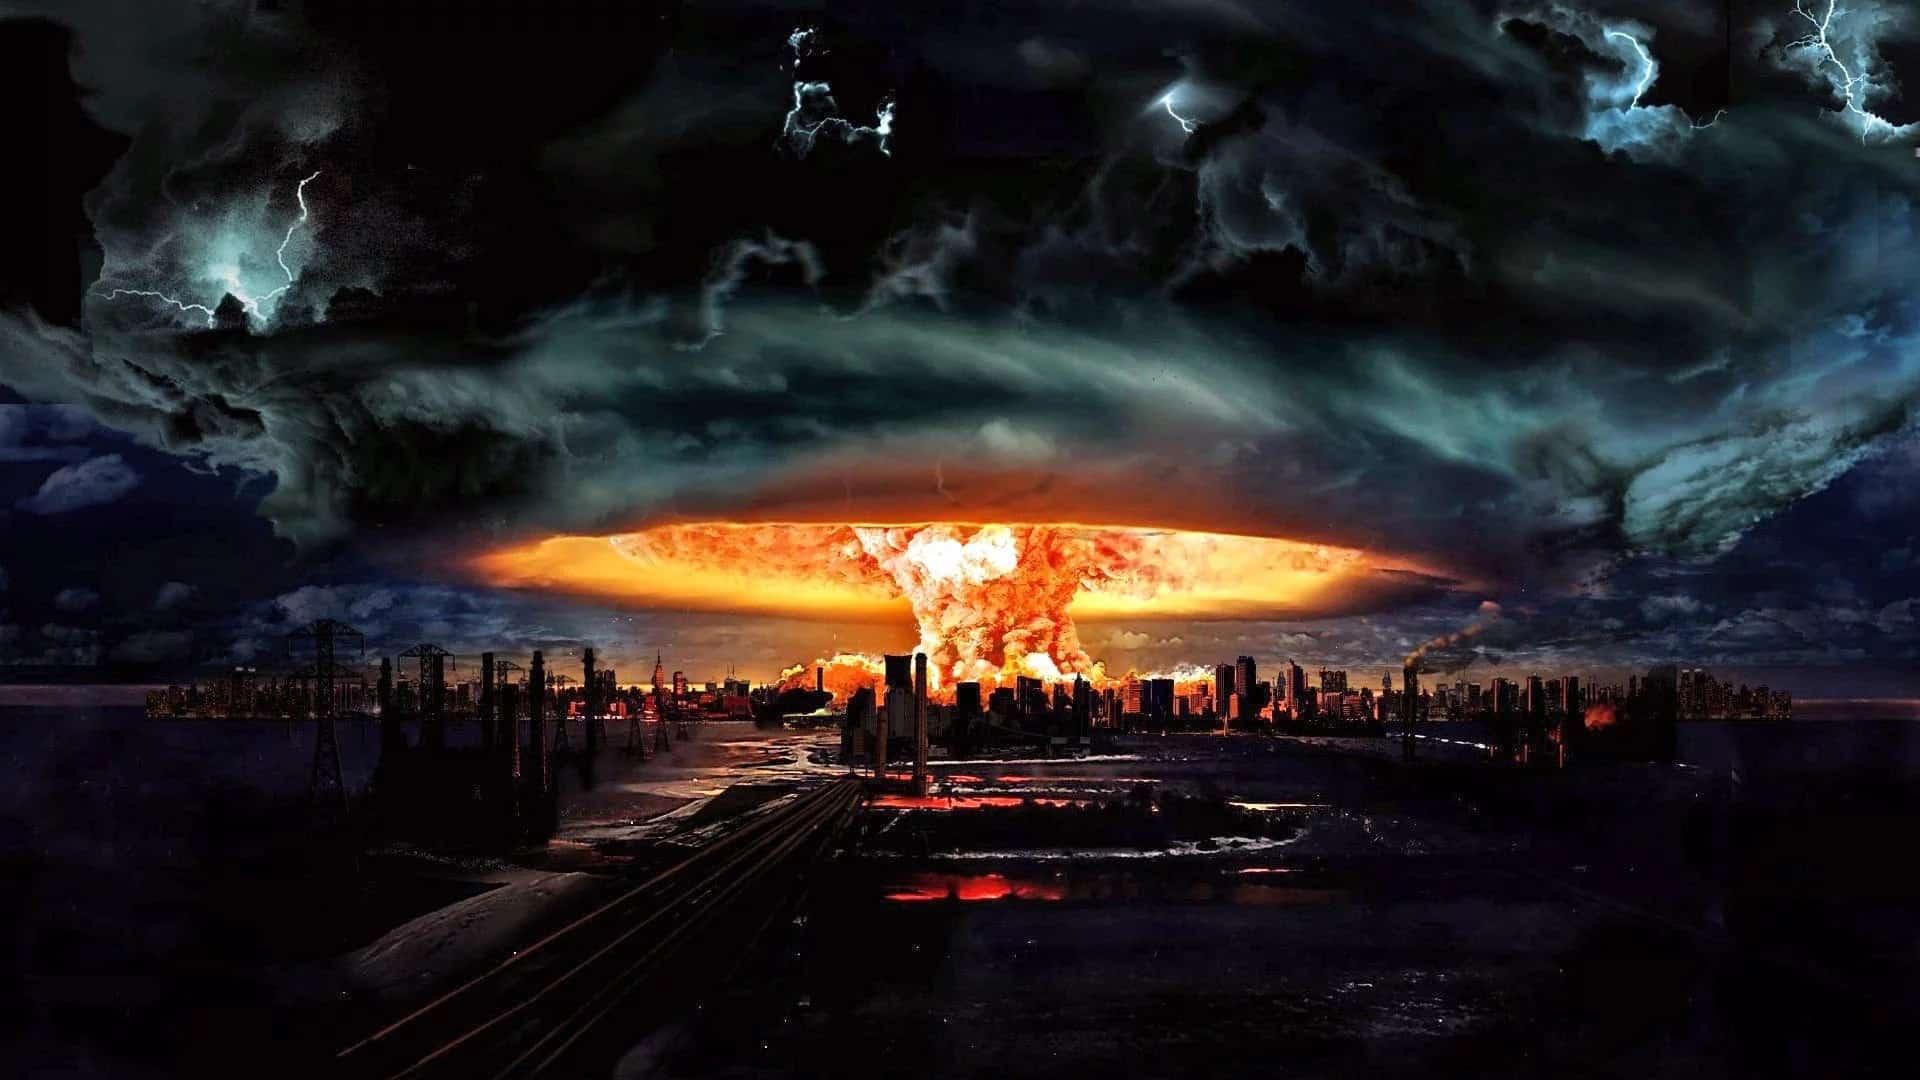 Третья мировая война в 2019 году: начнется или нет, предсказания от экстрасенсов